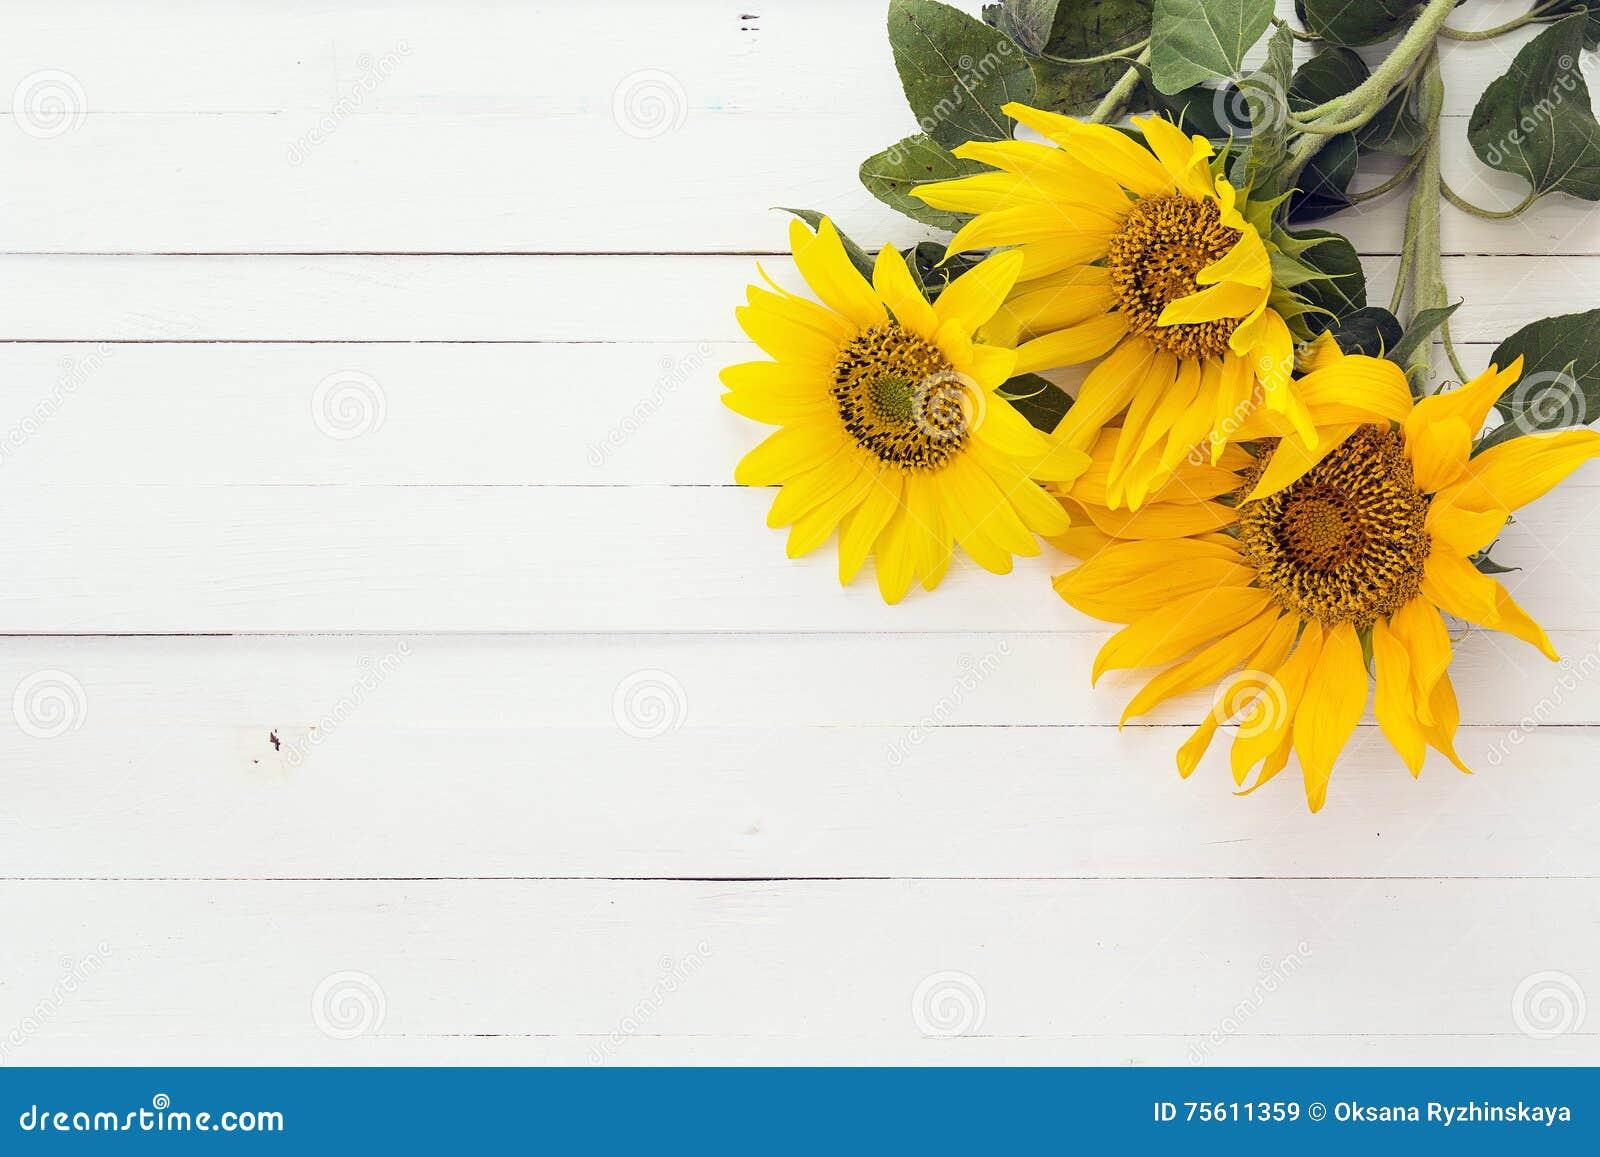 hintergrund mit einem blumenstrau von sonnenblumen auf einem wei malte woode stockbild bild. Black Bedroom Furniture Sets. Home Design Ideas